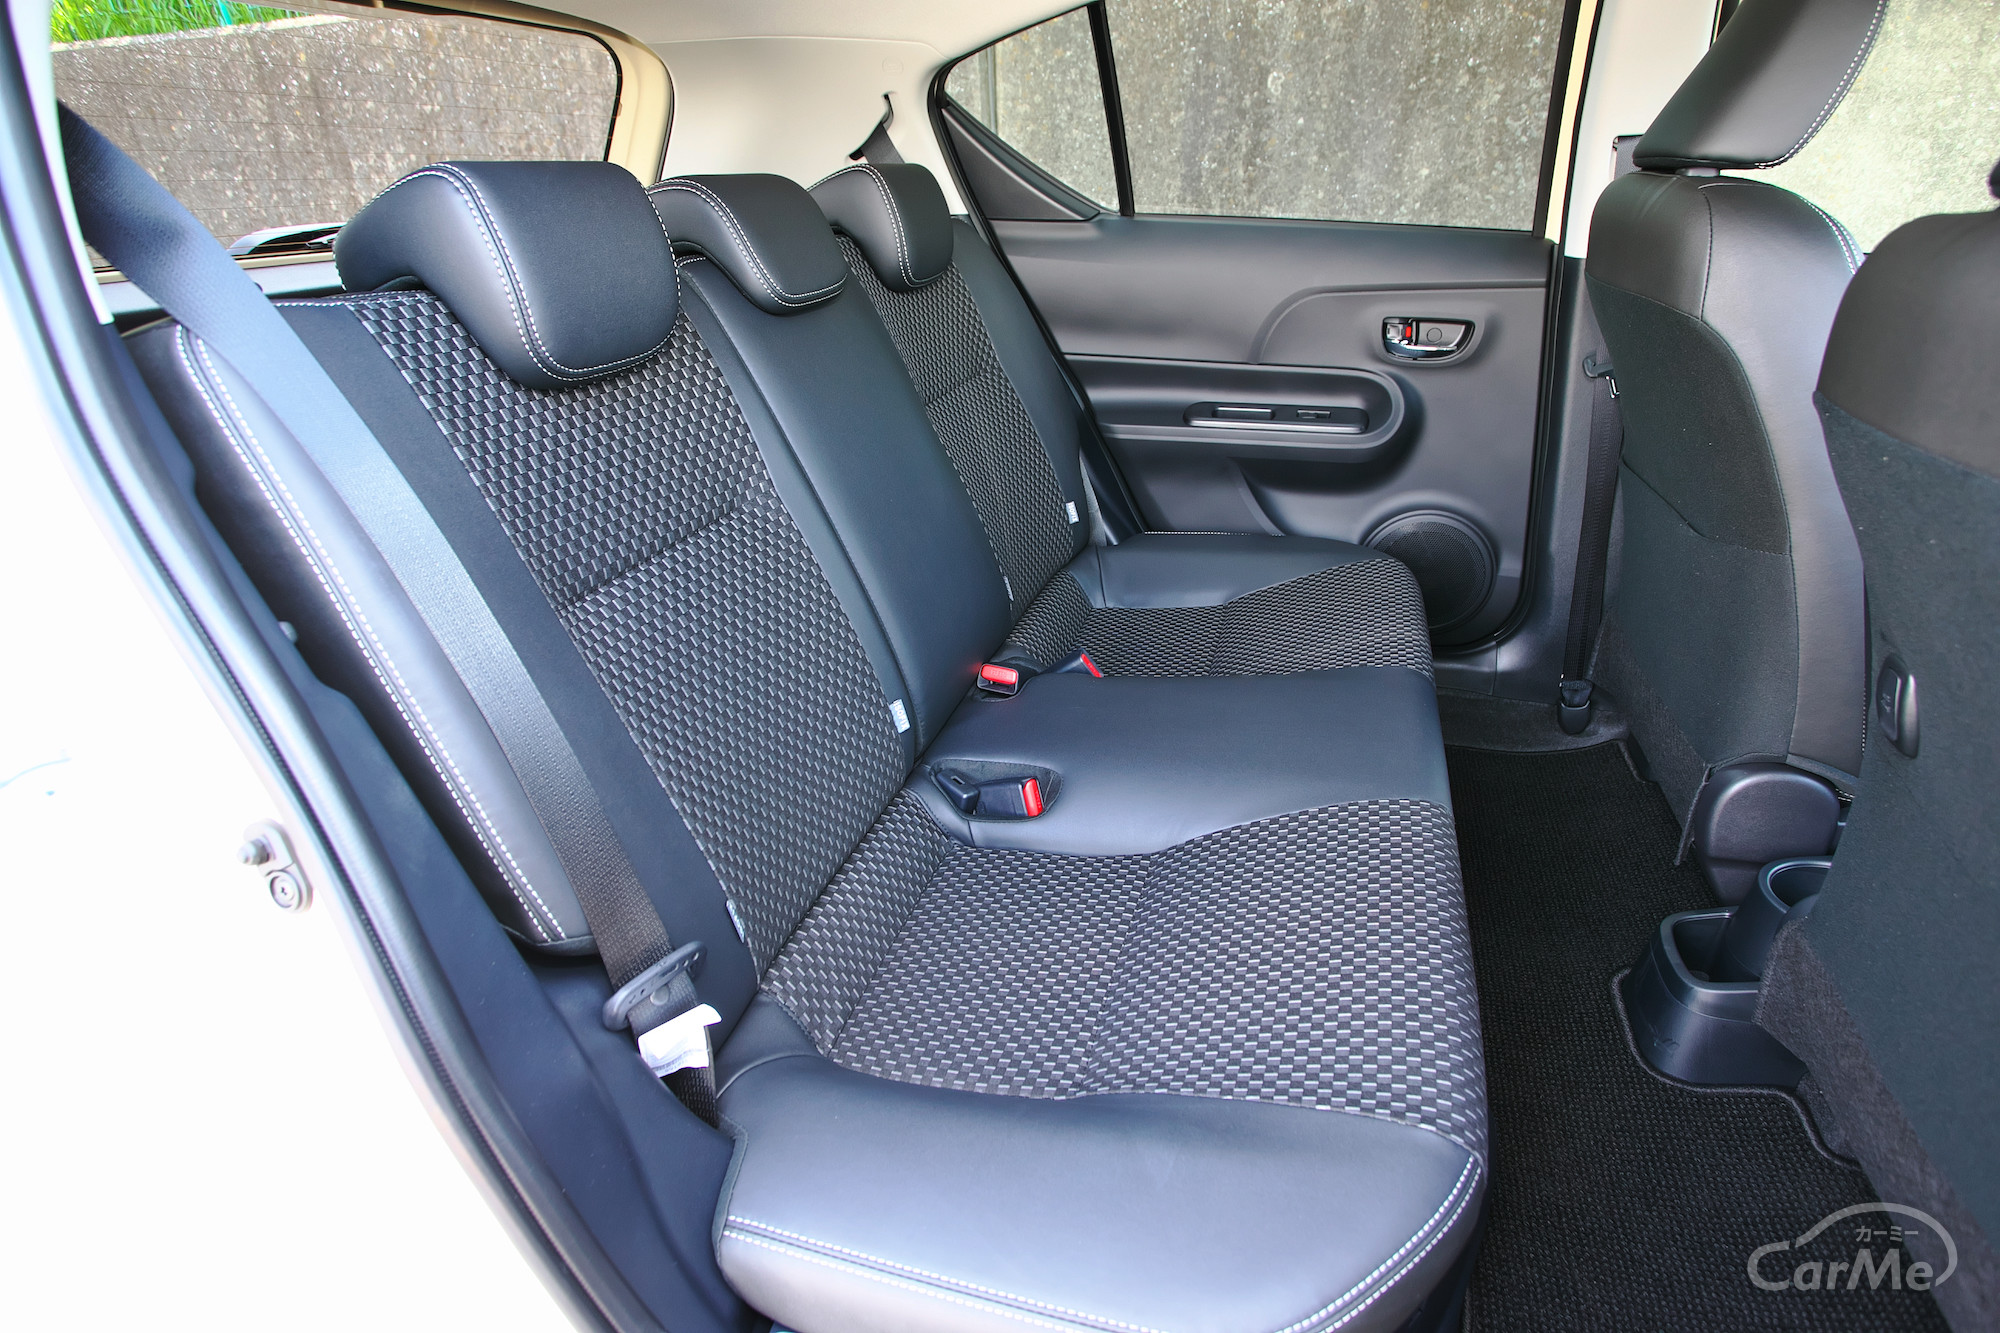 約48万円から...トヨタ アクアというハイブリッドコンパクトのベストセラーがオススメの中古車な理由と評価